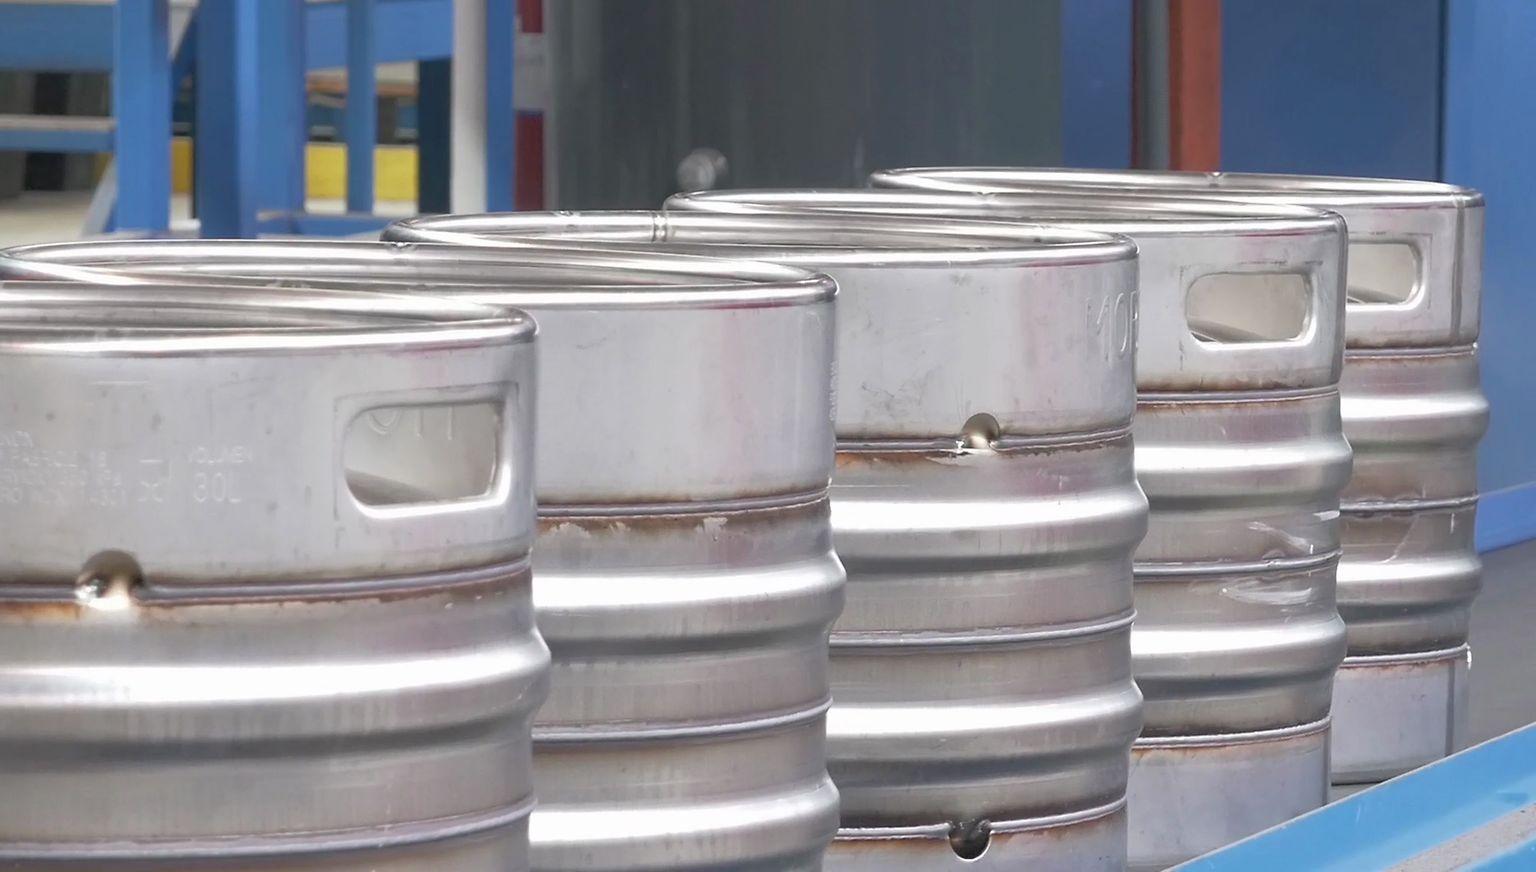 Stainless steel kegs before pickling